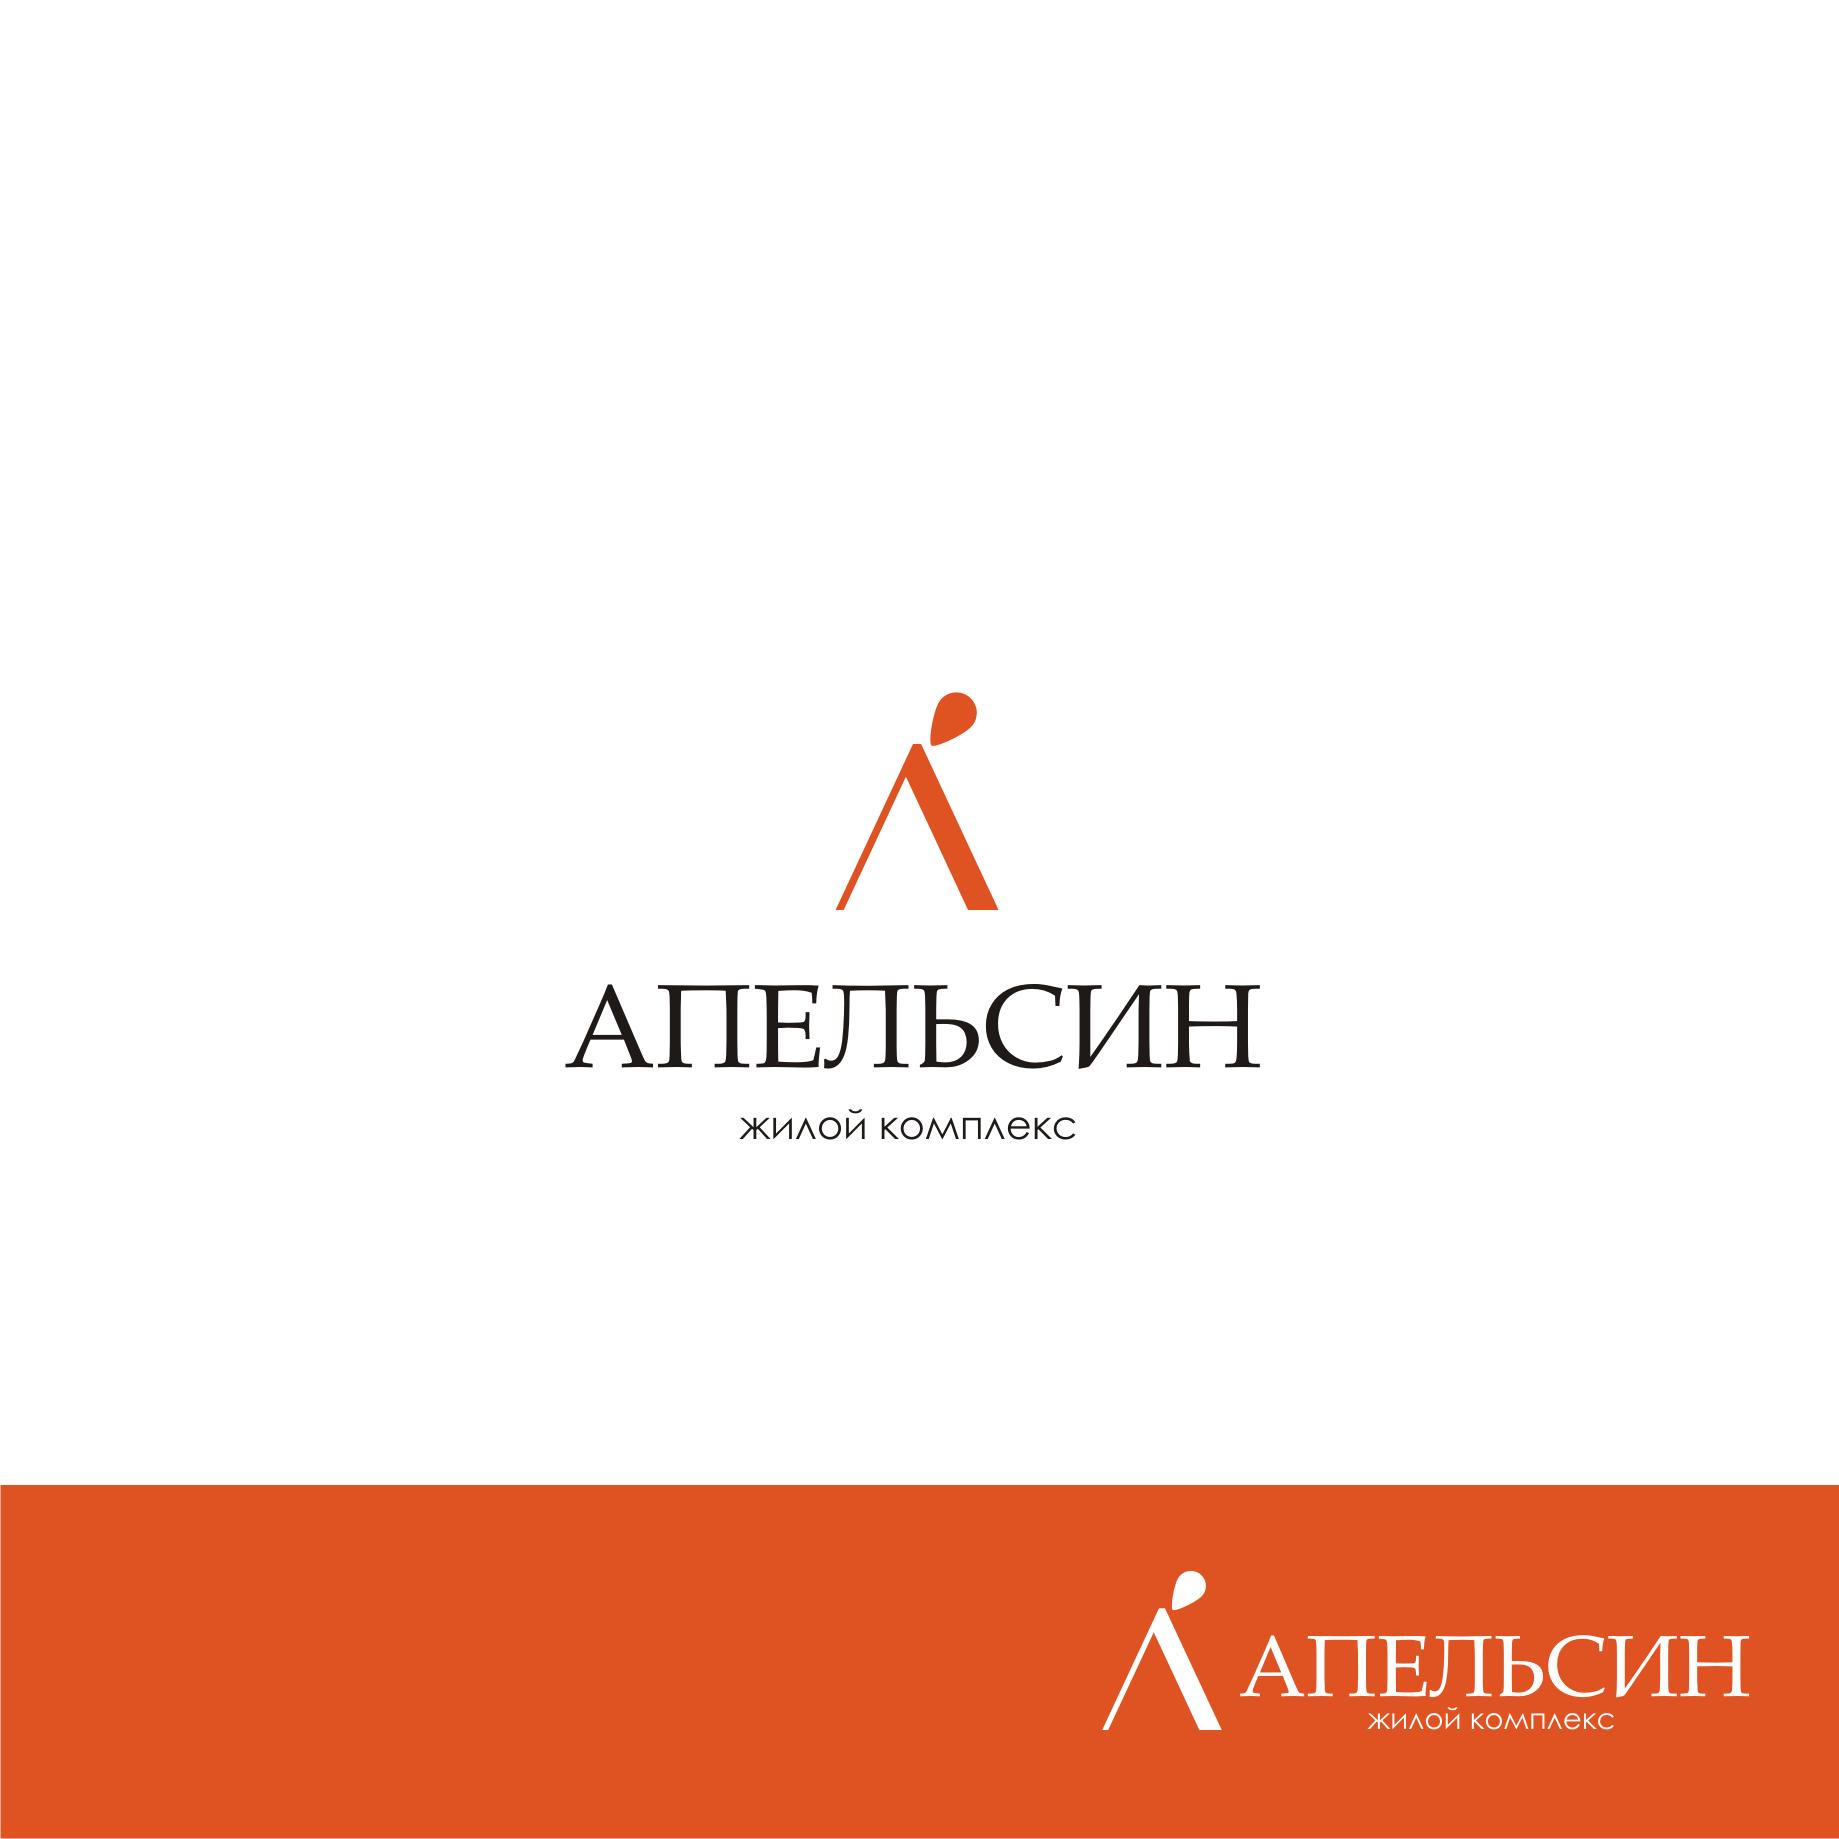 Логотип и фирменный стиль фото f_0955a58aad7c194a.png